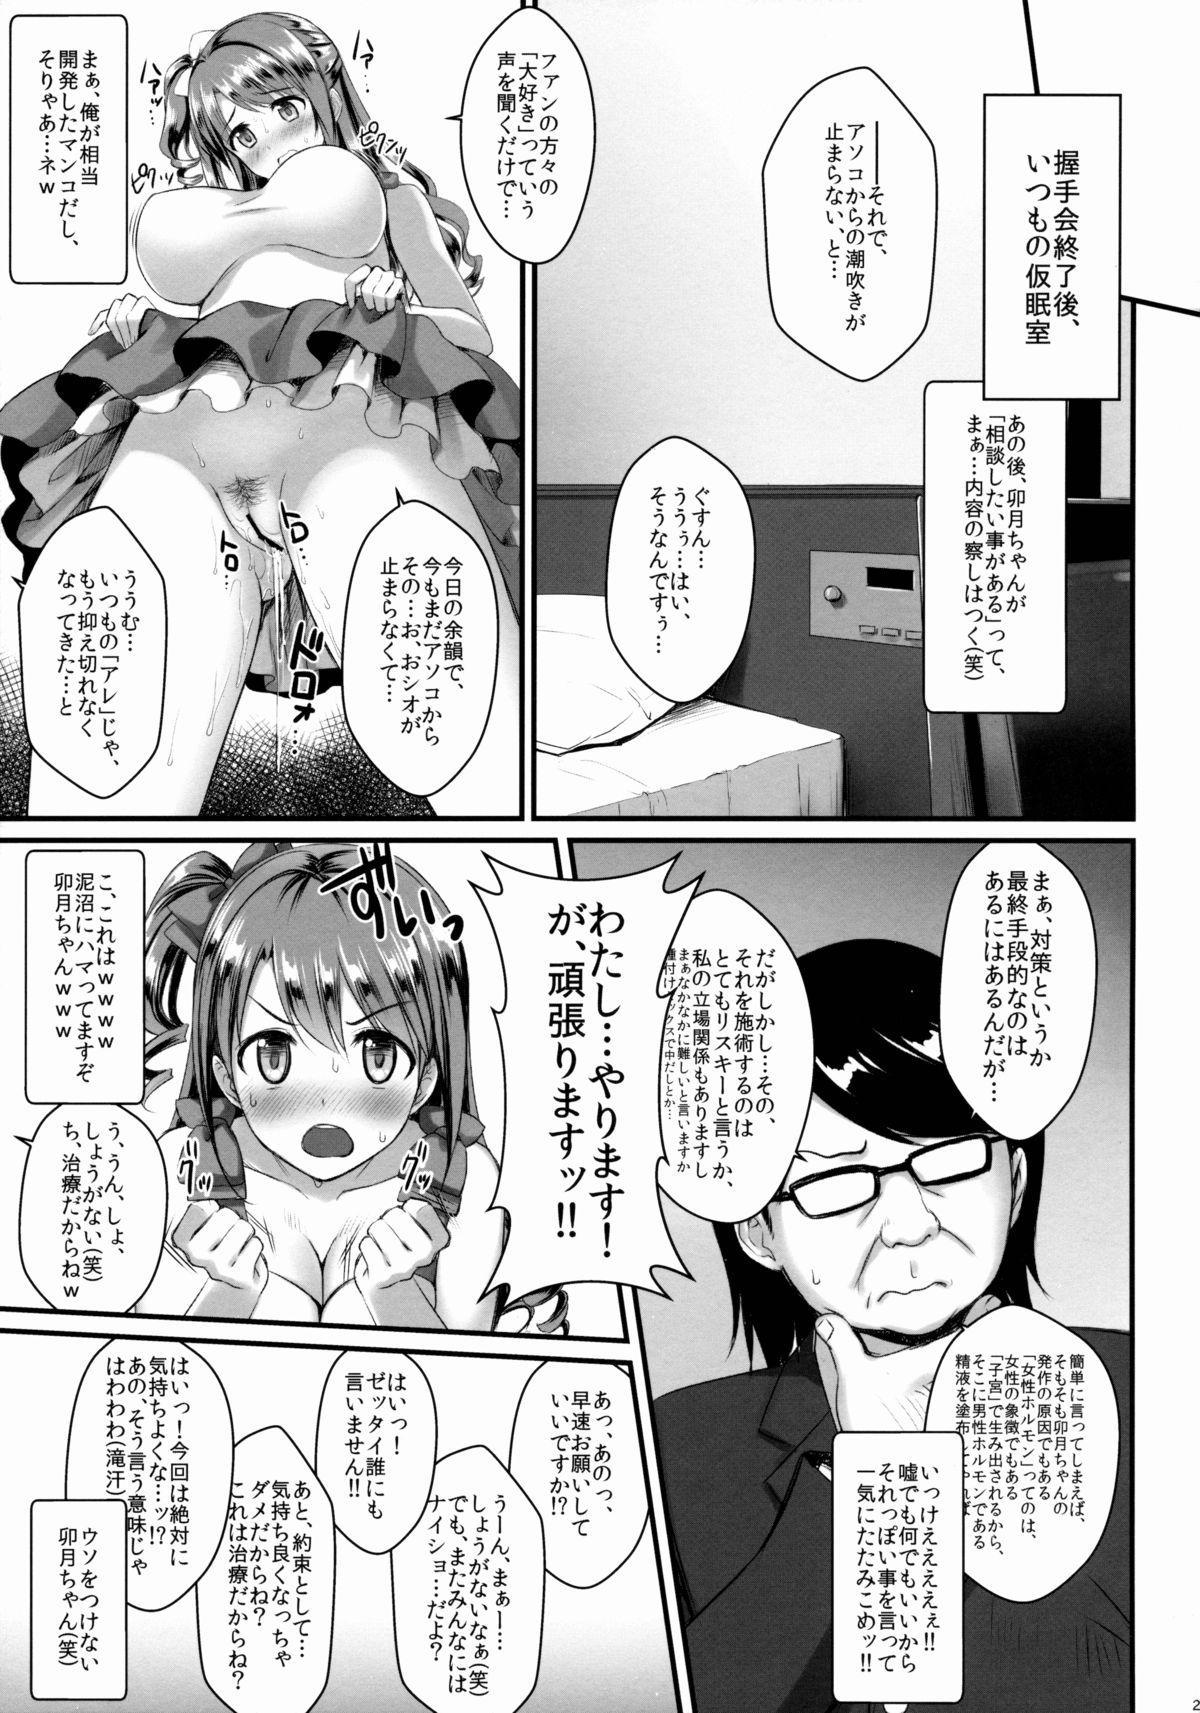 Uzuki-chan no Suimin Kaihatsu 23